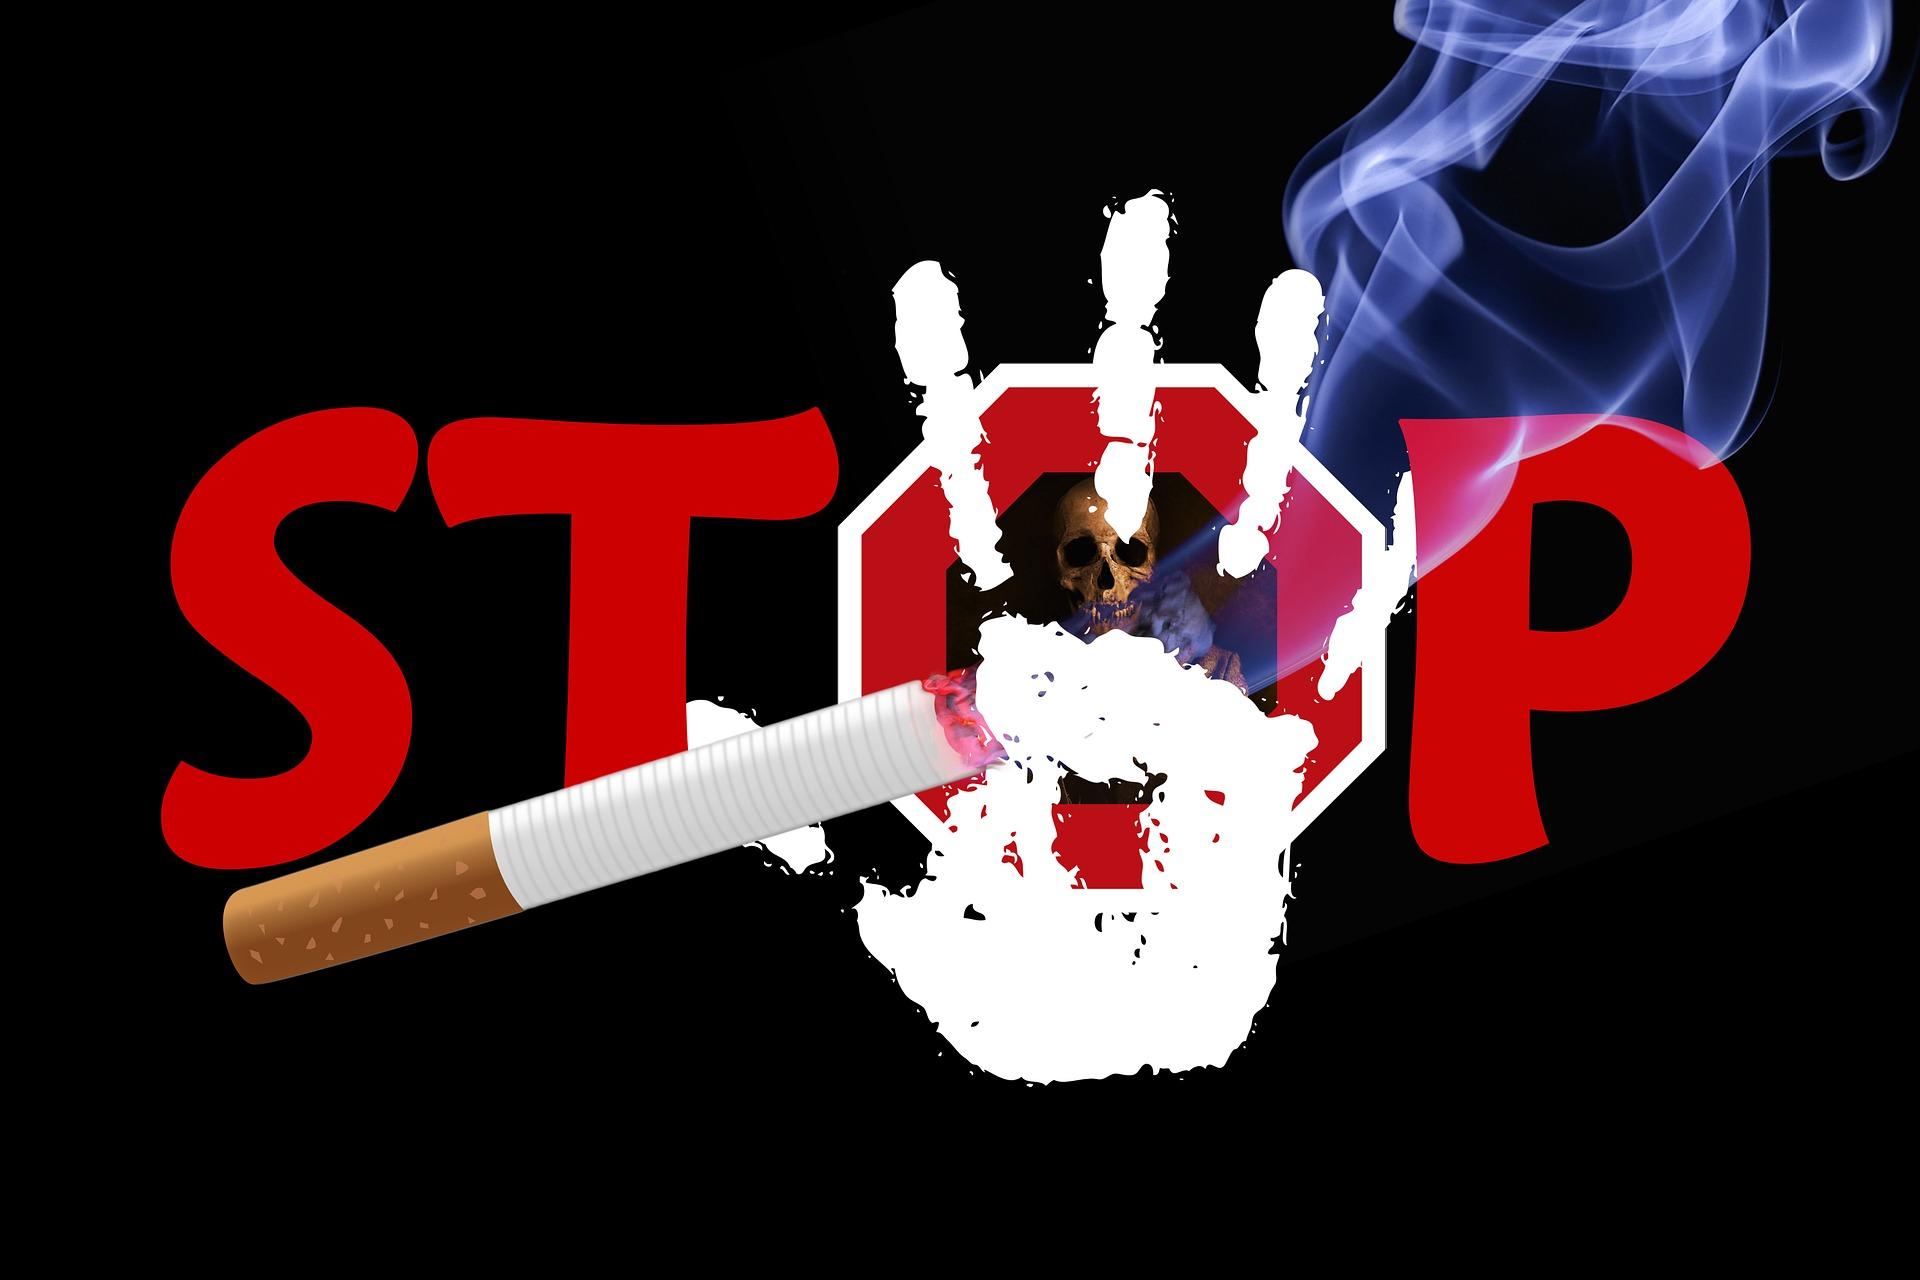 erkély hogyan lehet leszokni a dohányzásról hagyja abba a dohányzást és váladék megy